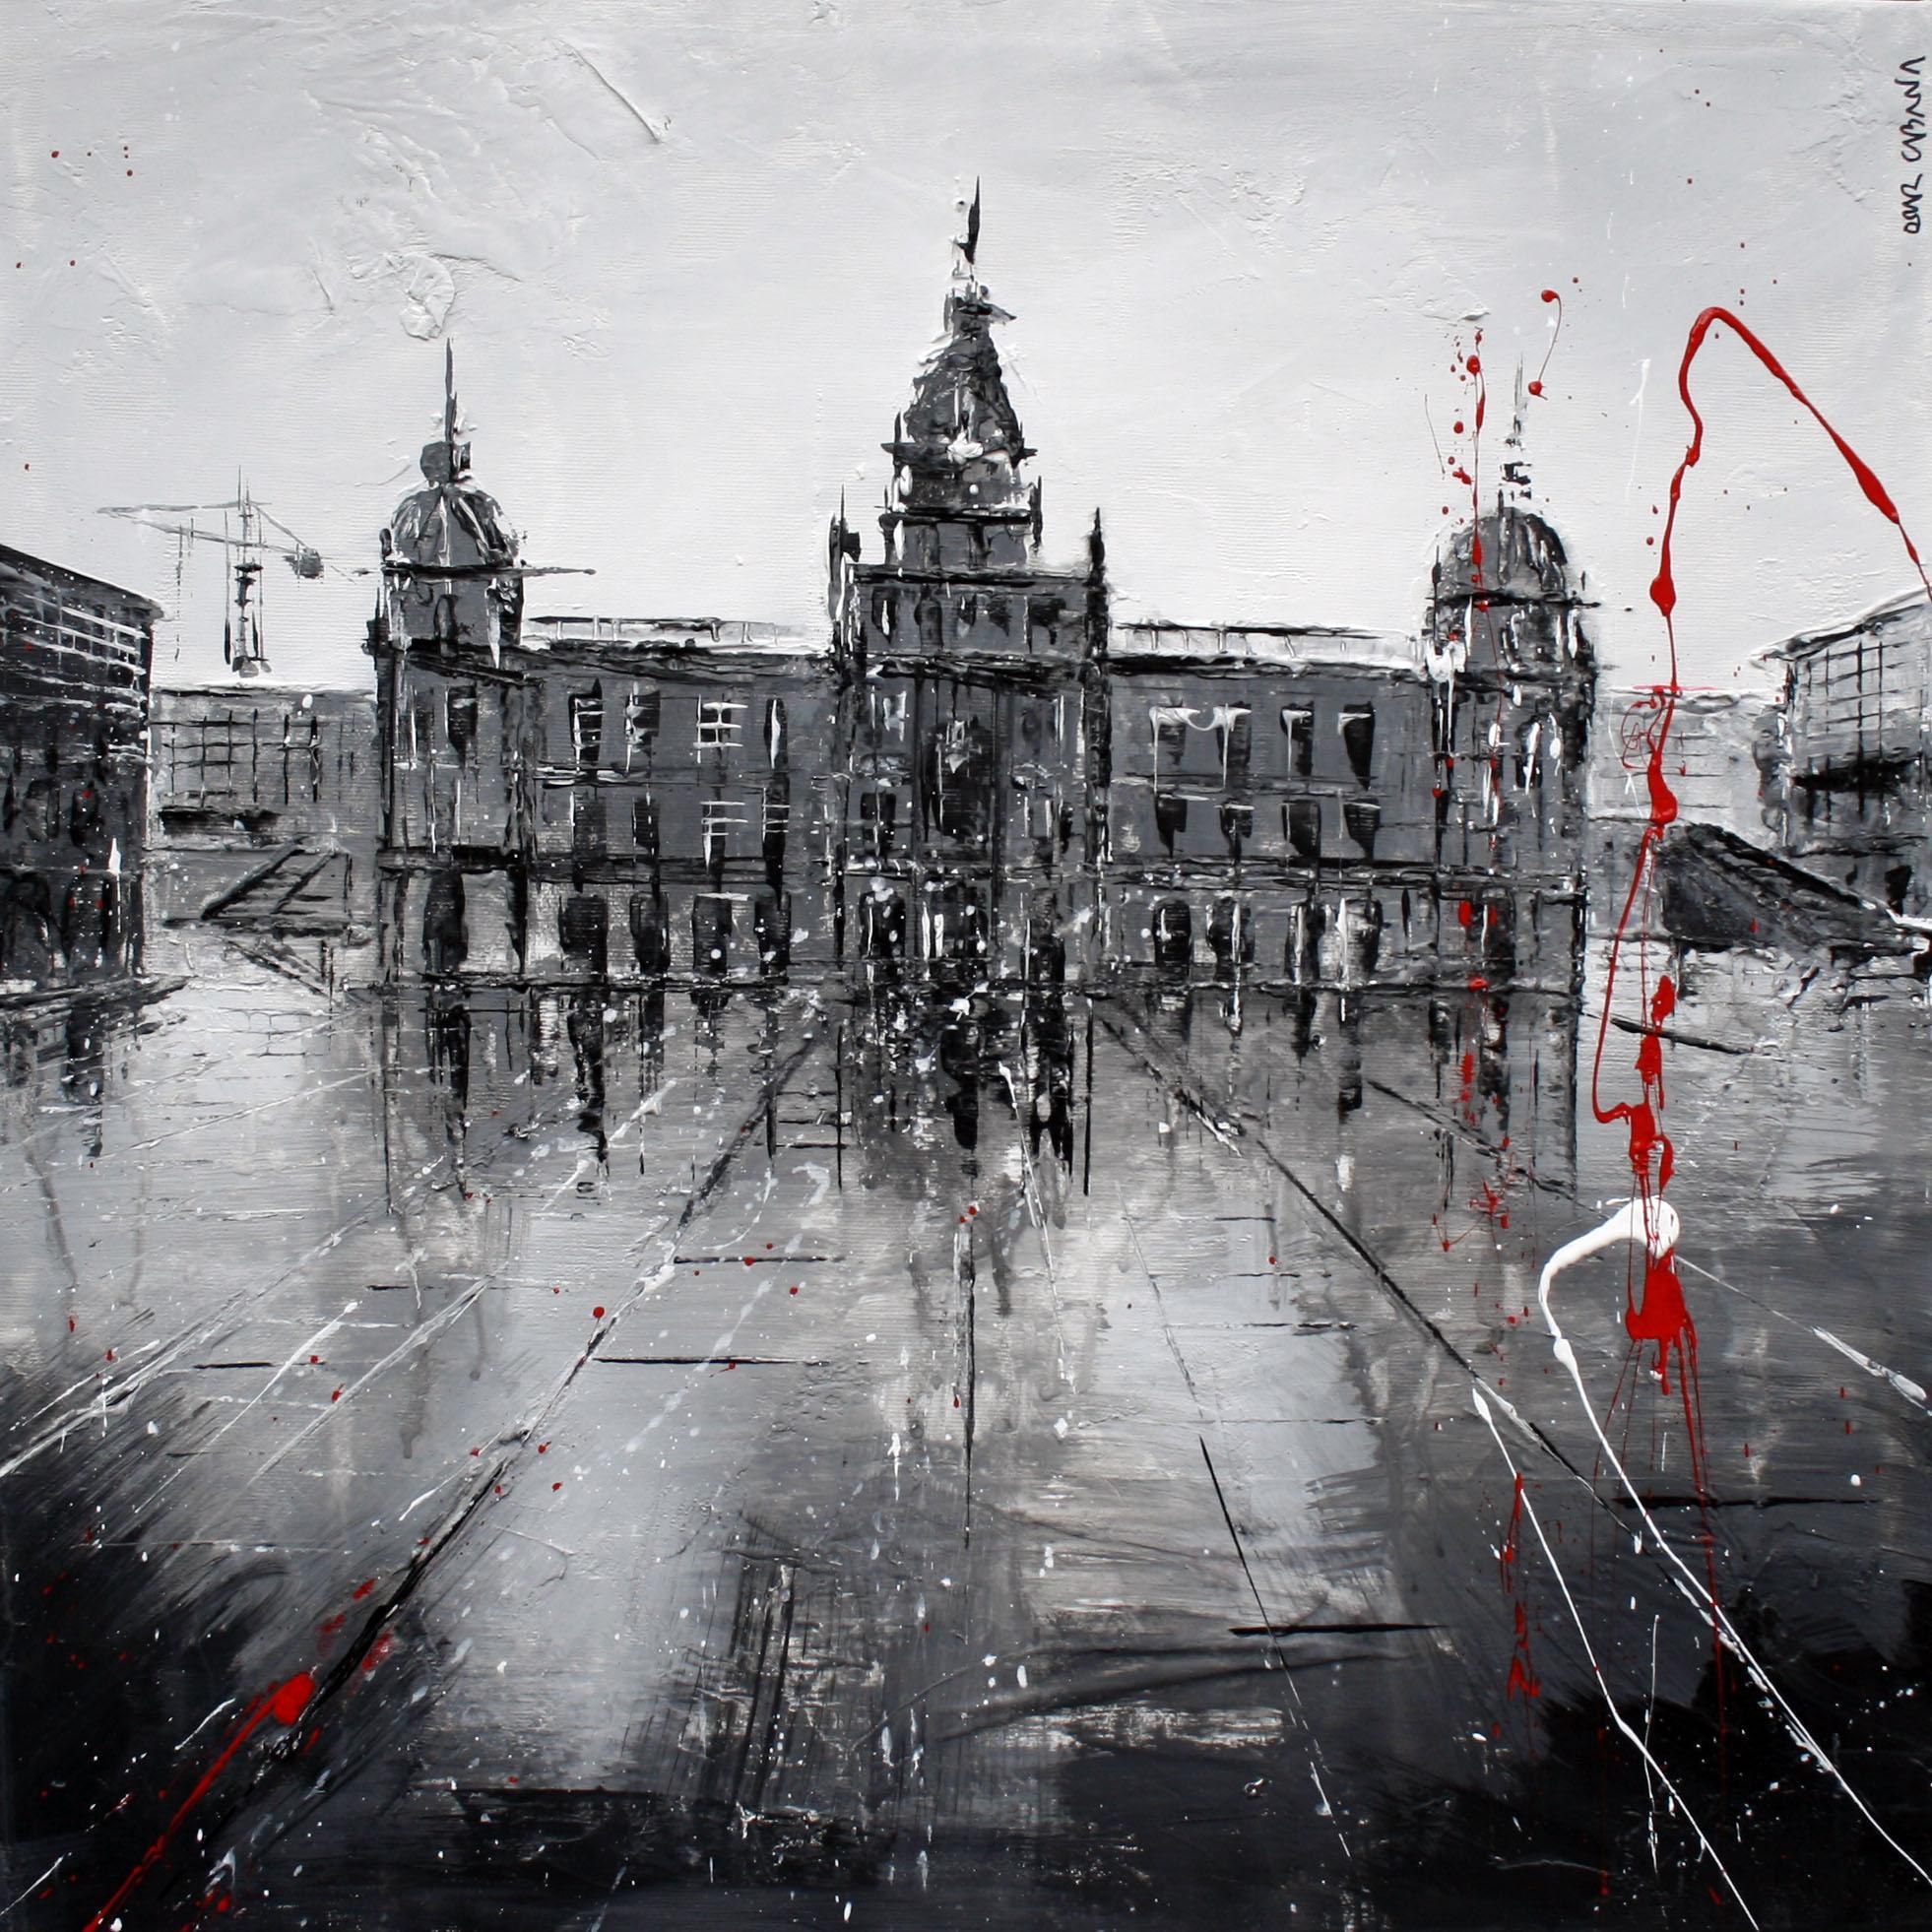 597_ayuntamiento_50x50cm_mixed on canvas